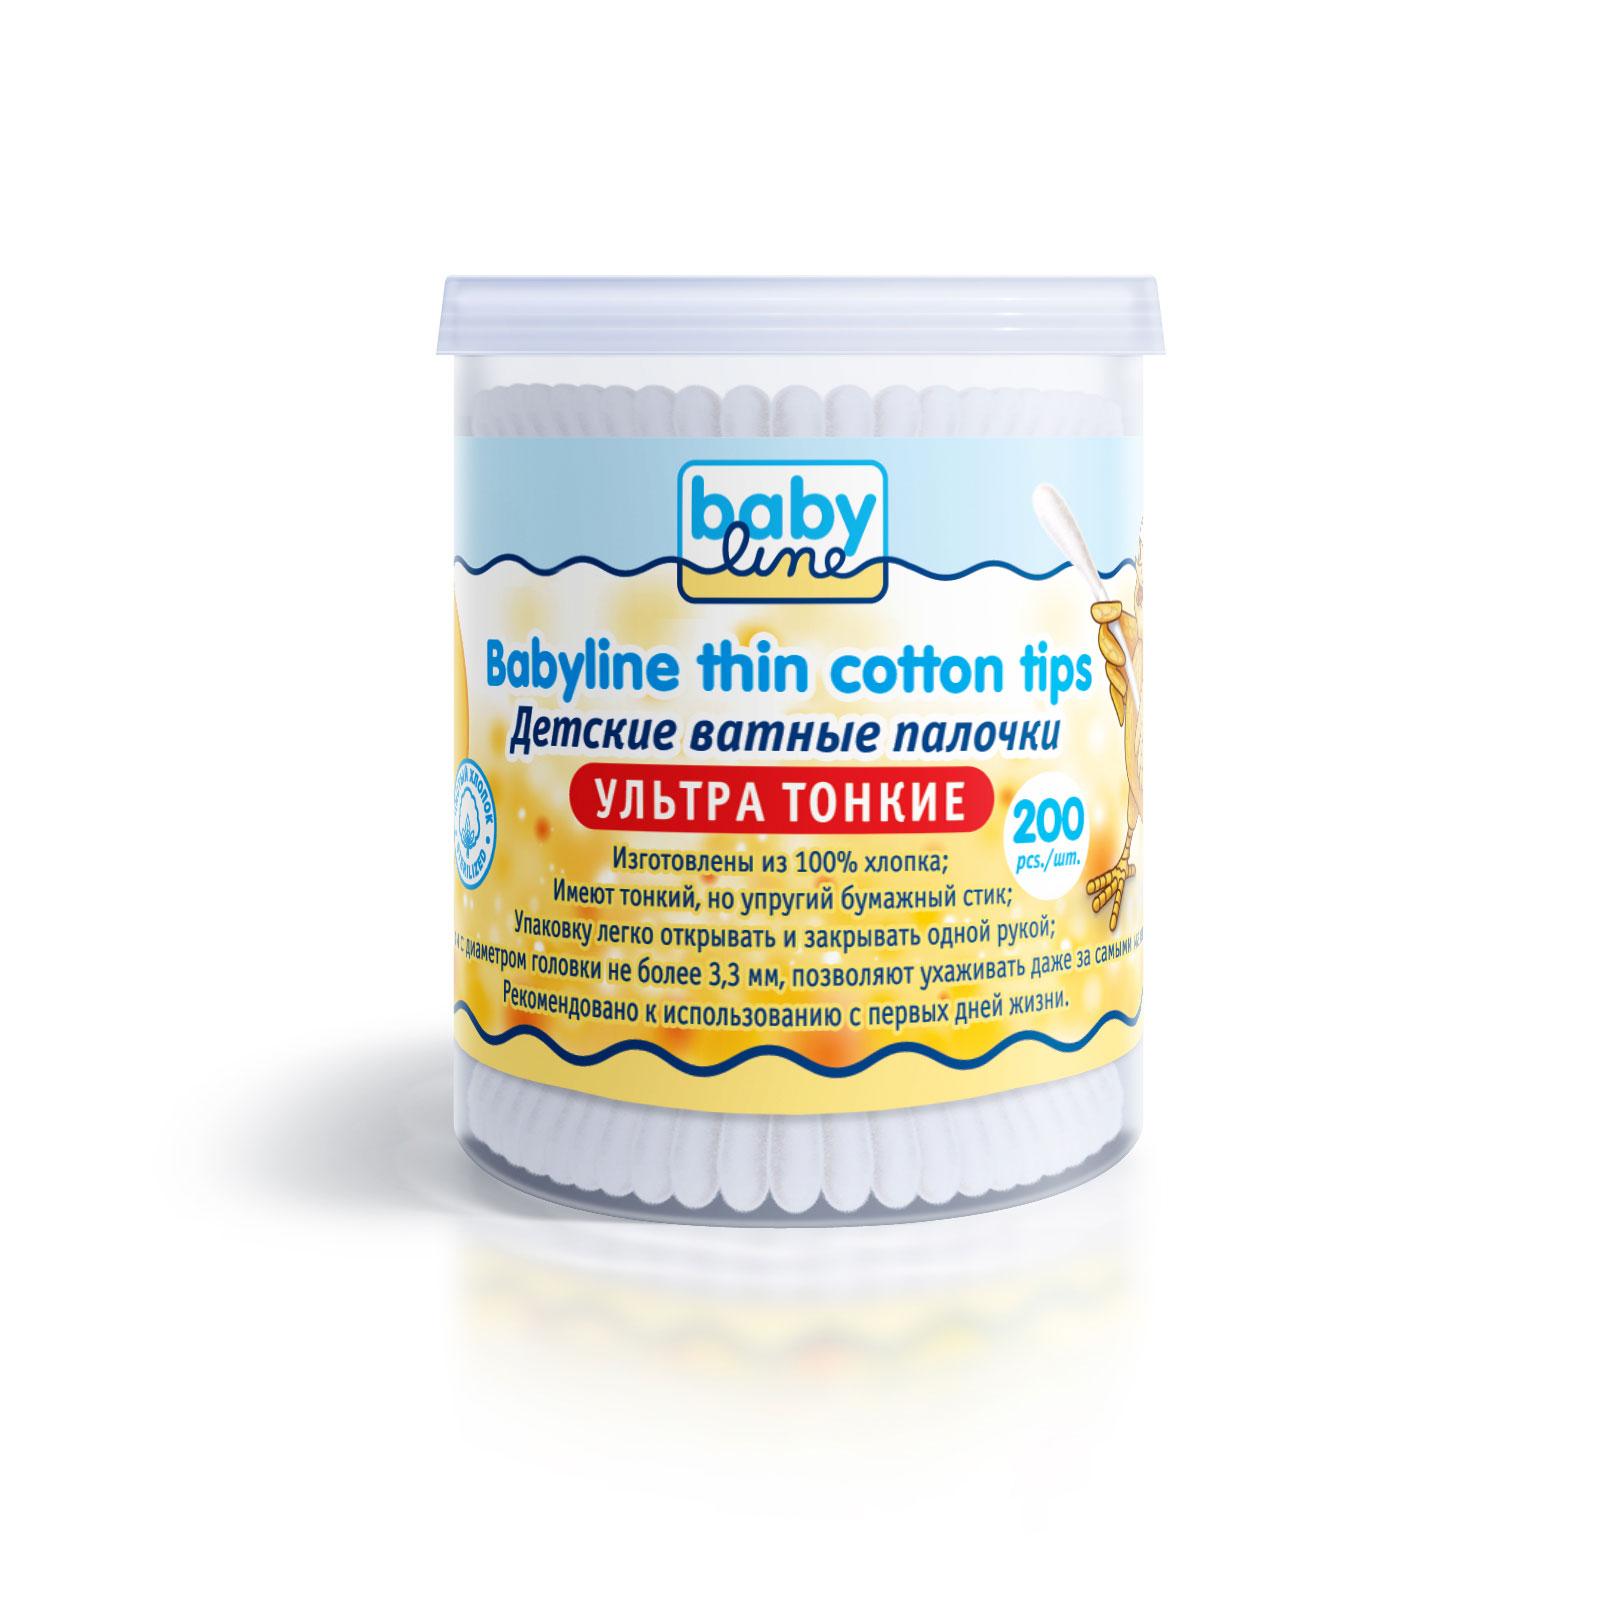 Ватные палочки Babyline ультра тонкие 200 шт<br>